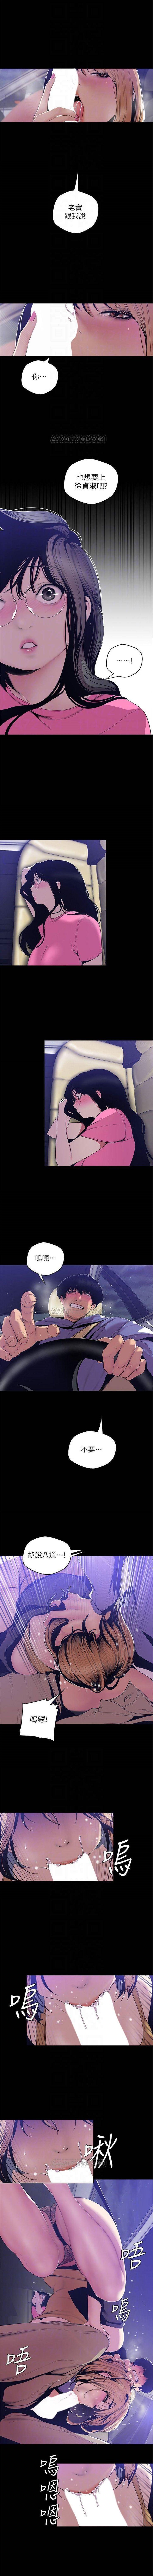 (周6)美丽新世界 1-61 中文翻译 (更新中) 498